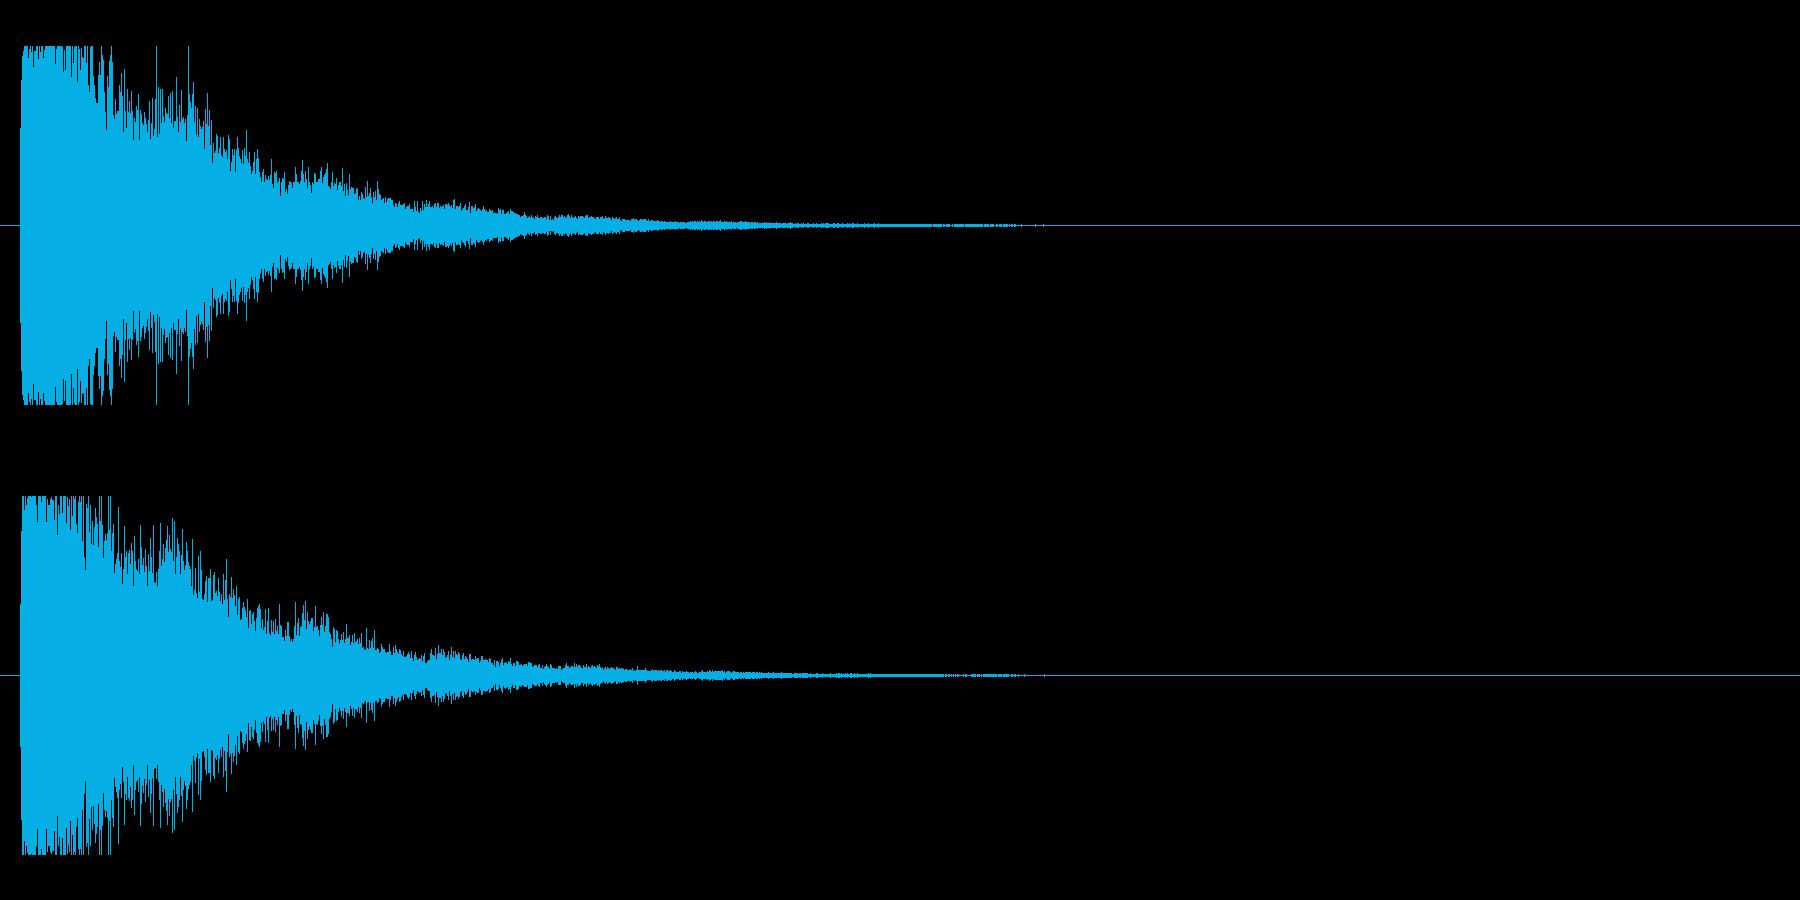 レーザー音-93-2の再生済みの波形